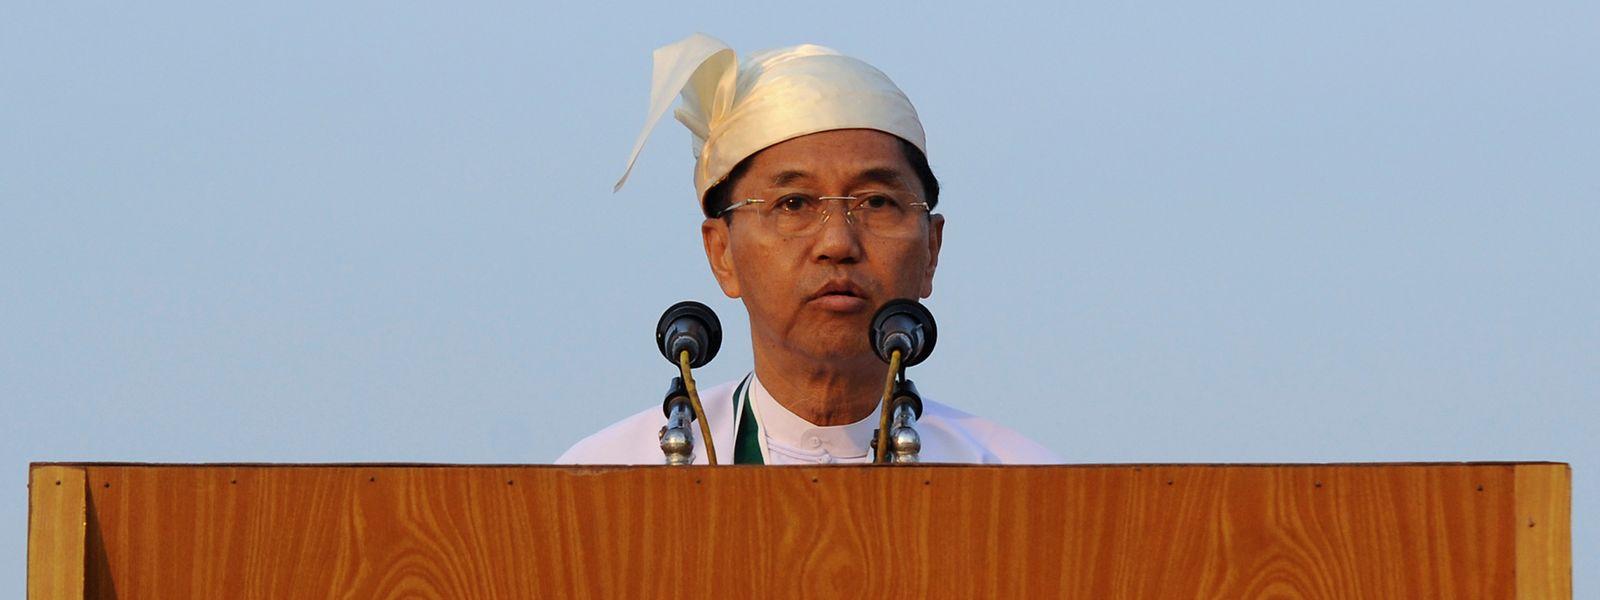 Der frühere General Vize-Präsident Myint Swe fungiert als Übergangsstaatsoberhaupt.